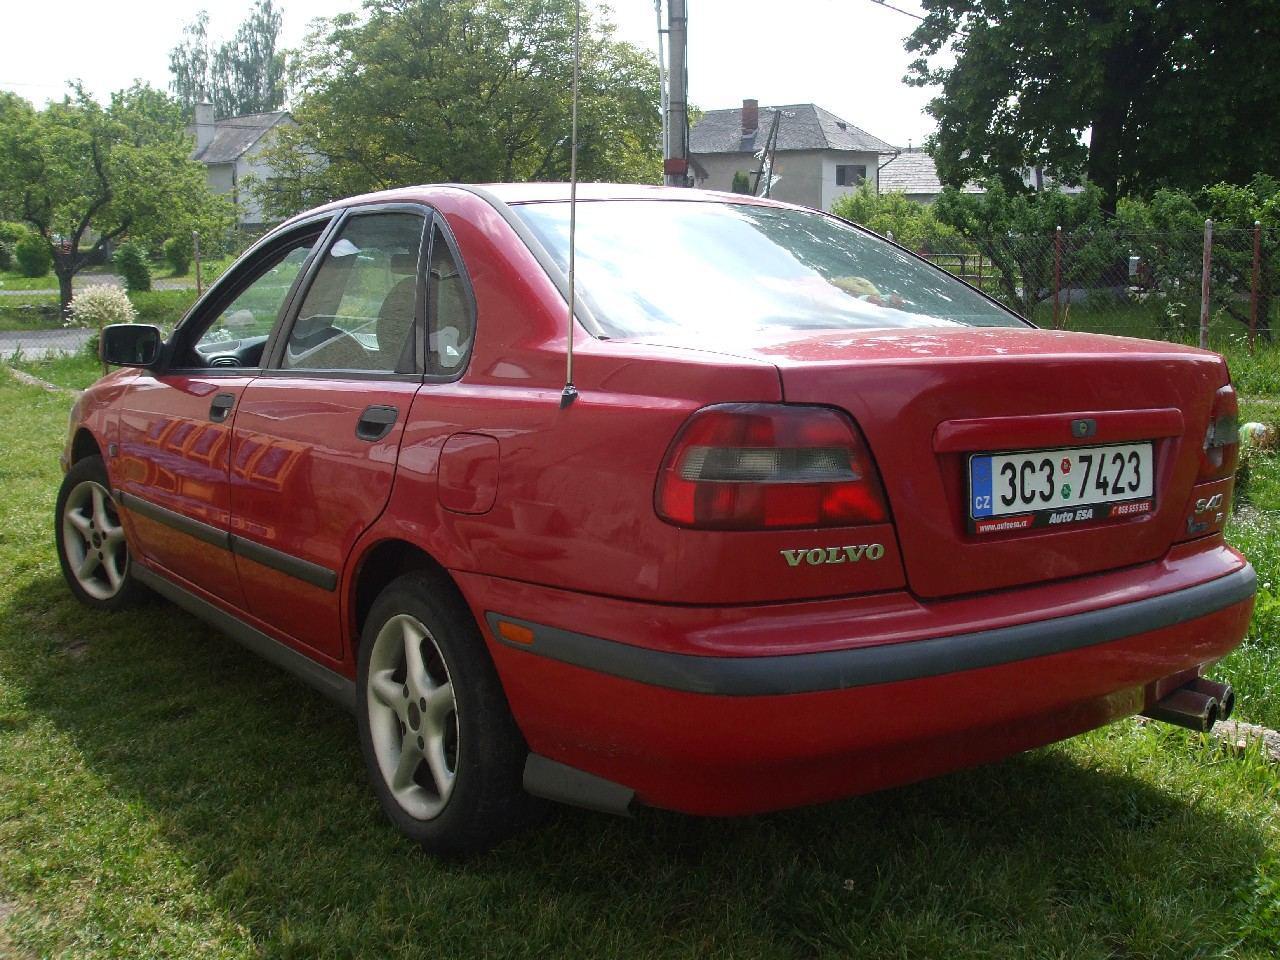 1997 Volvo S40 I  X40  1 6  97 Cui  Gasoline 77 Kw